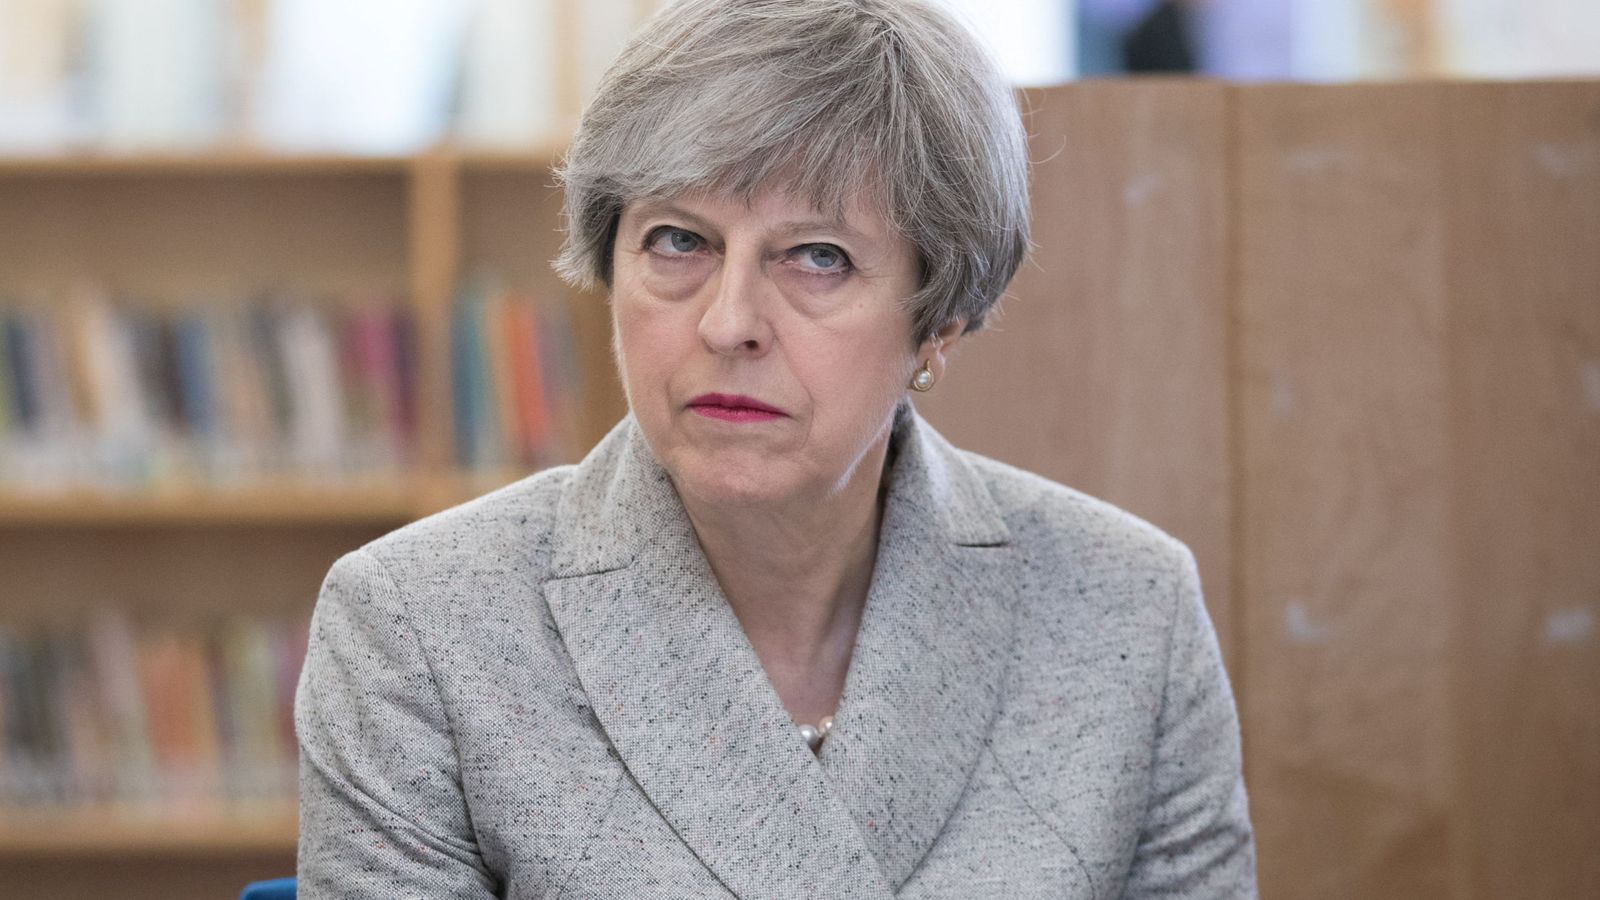 Foto: Theresa May durante un encuentro con profesores en una escuela de Bristol, el 27 de junio de 2017. (Reuters)